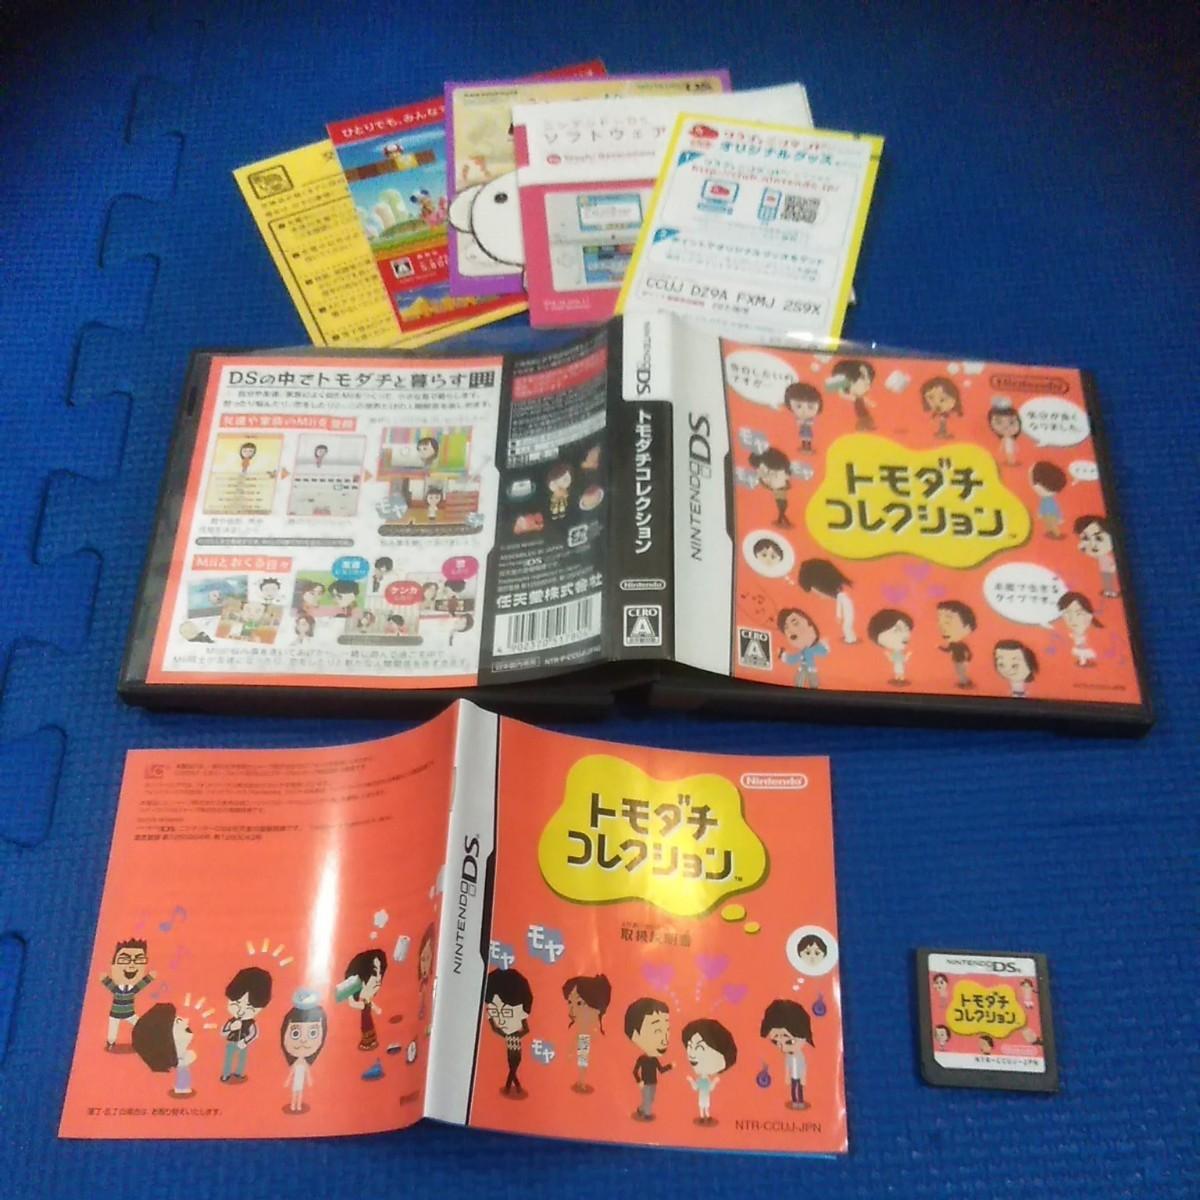 【DS】 トモダチコレクション